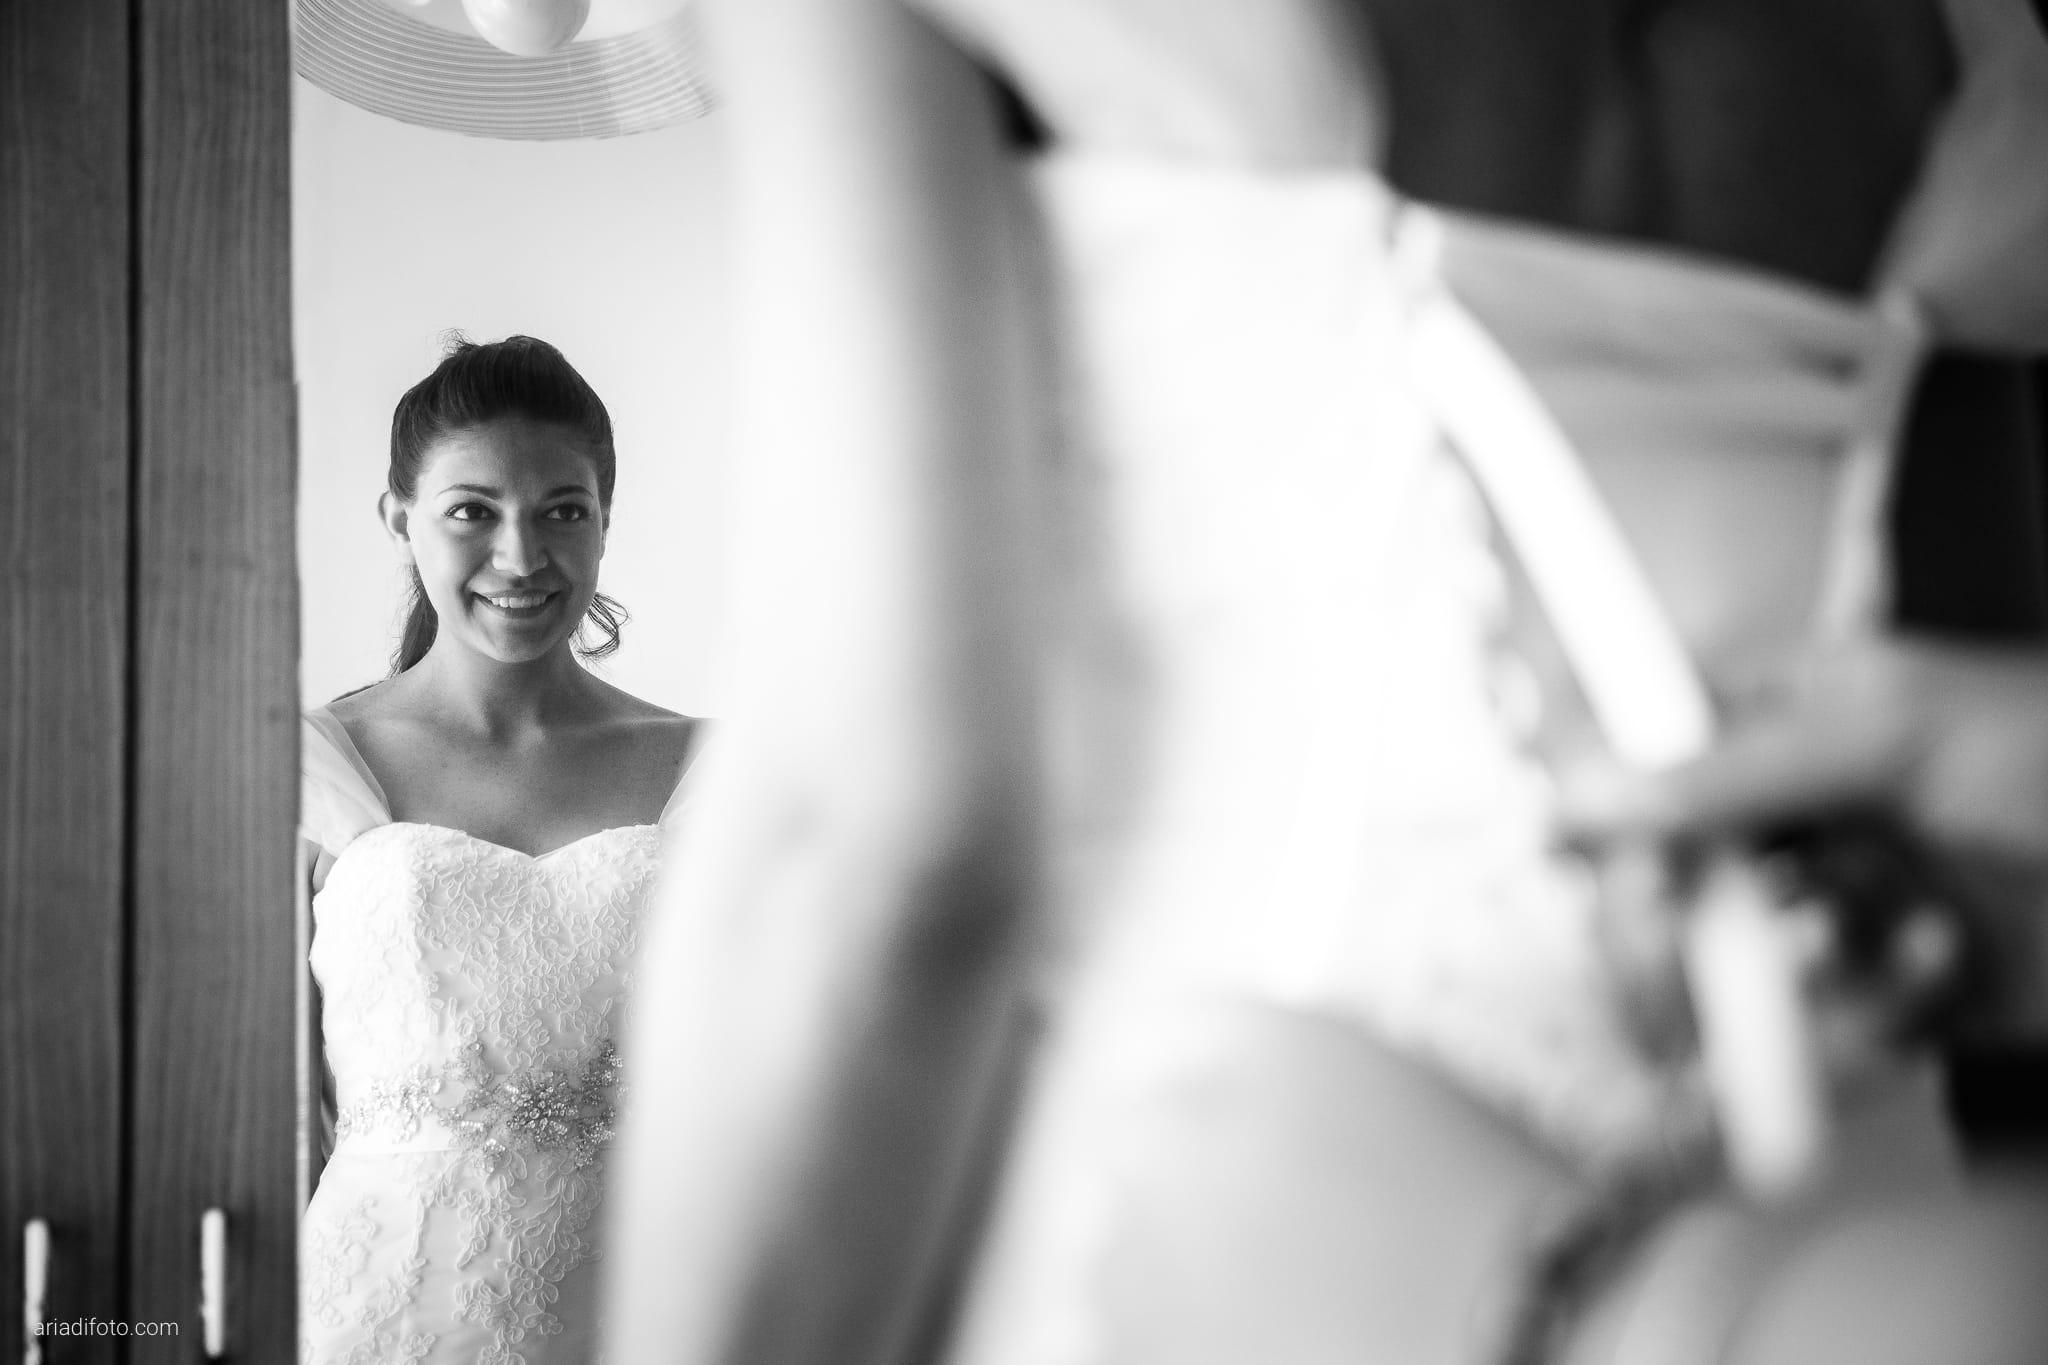 Fiordaliso Andrea matrimonio Salvia Rosmarino Trieste preparativi specchio riflesso abito